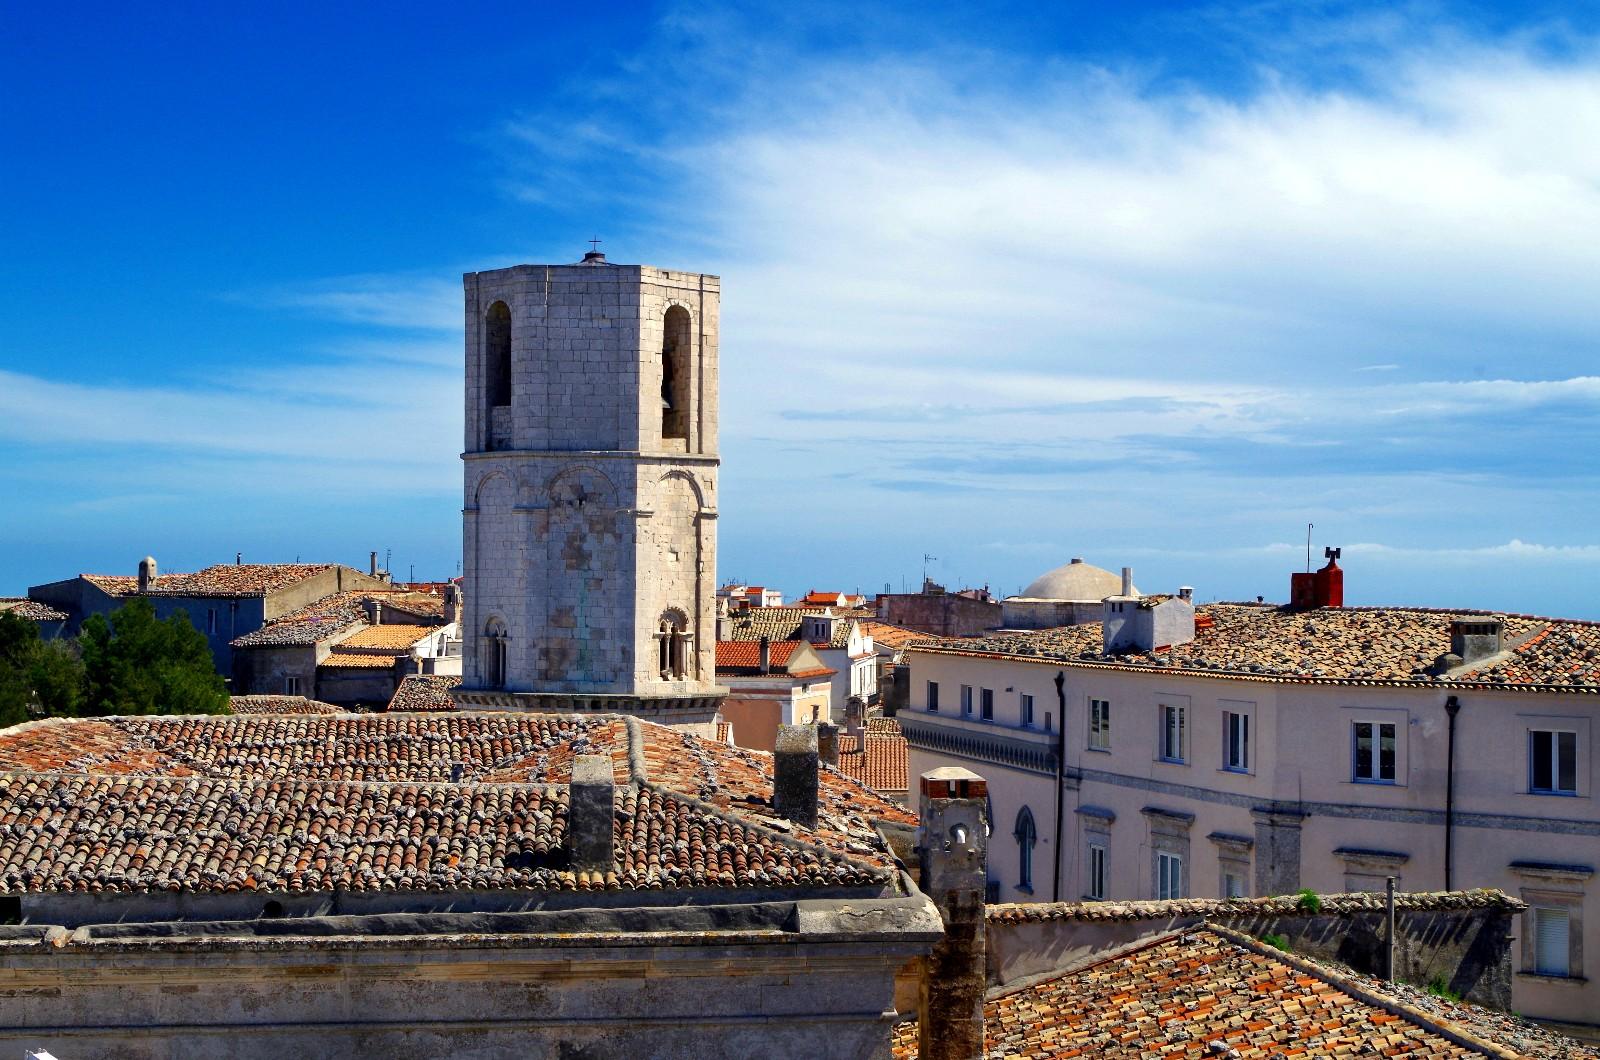 Über den Dächer von Monte Sant'Angelo